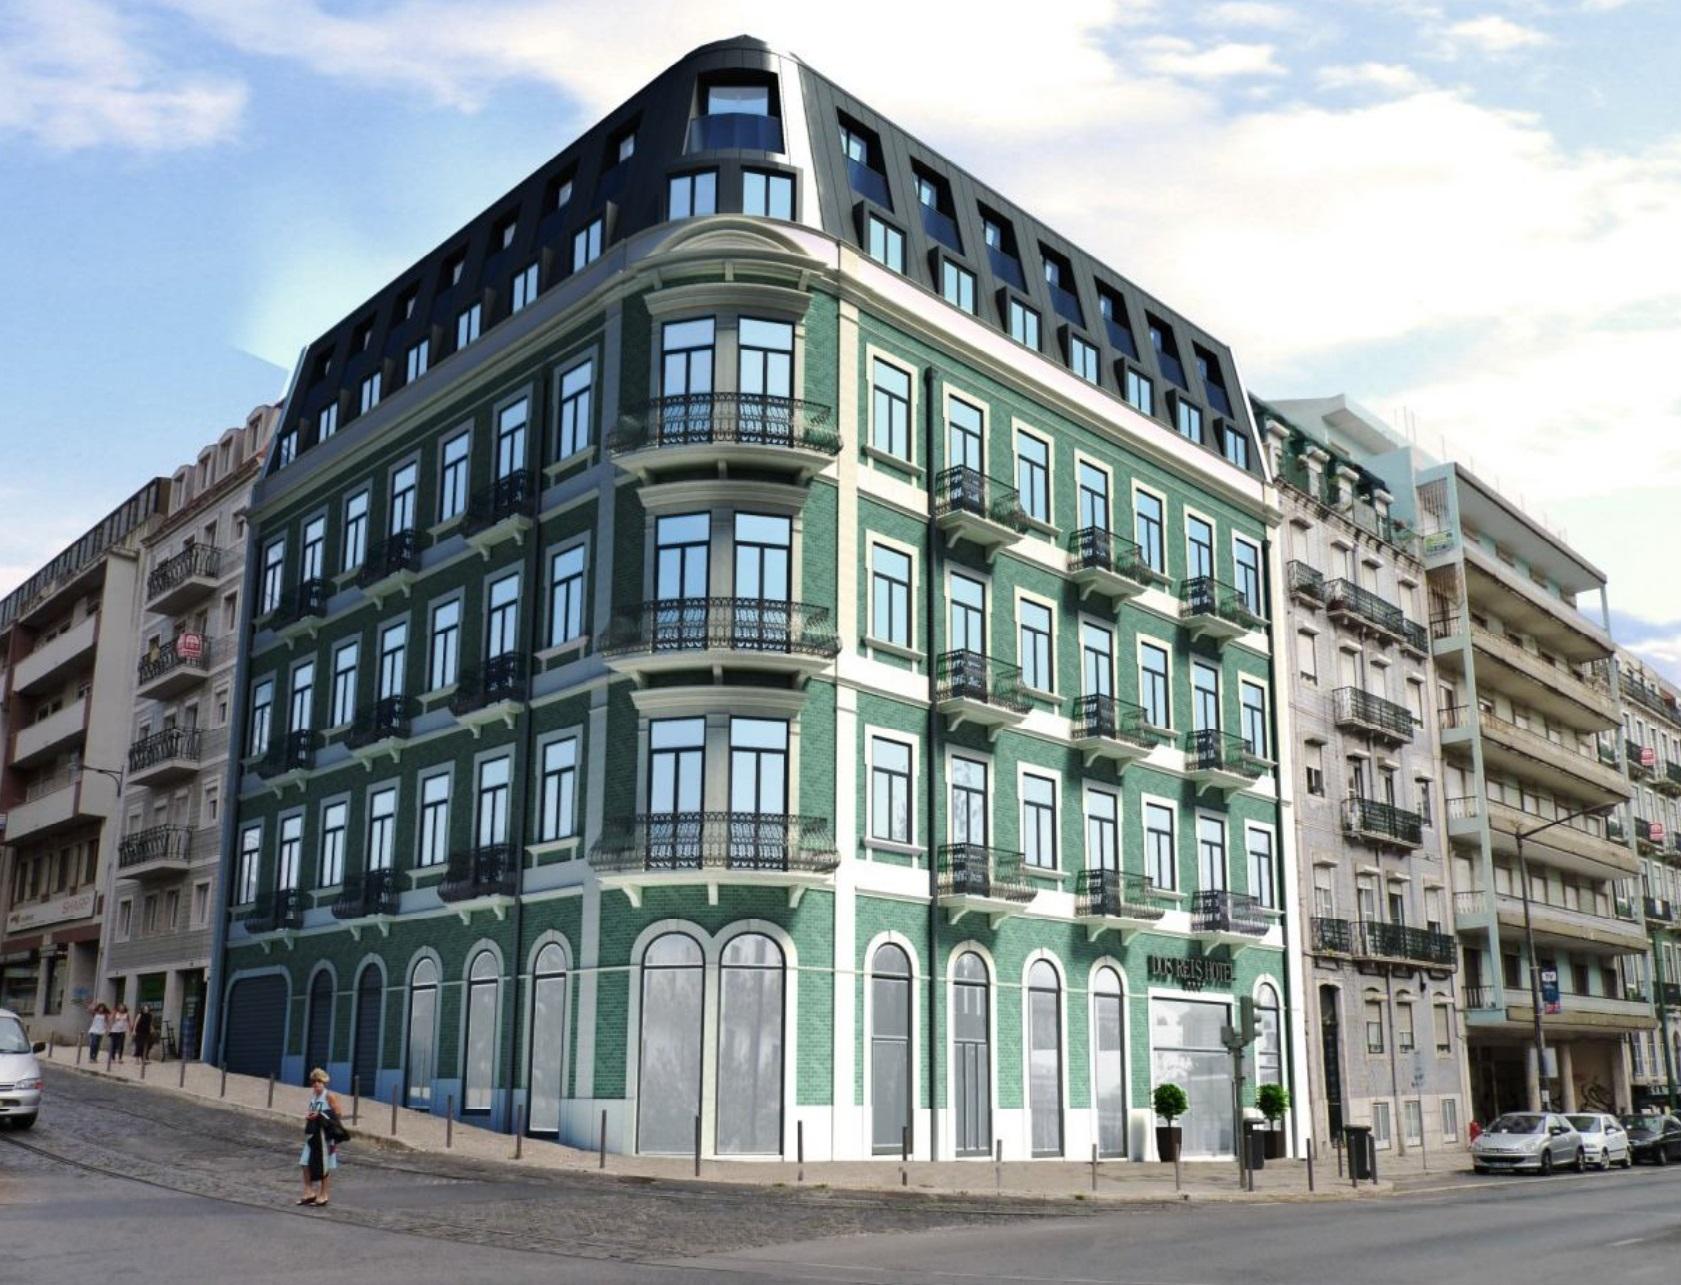 Hotel dos Reis, com 54 quartos, vai nascer no quarteirão da Avenida Almeirante Reis e da Rua Maria Andrade / dstgroup